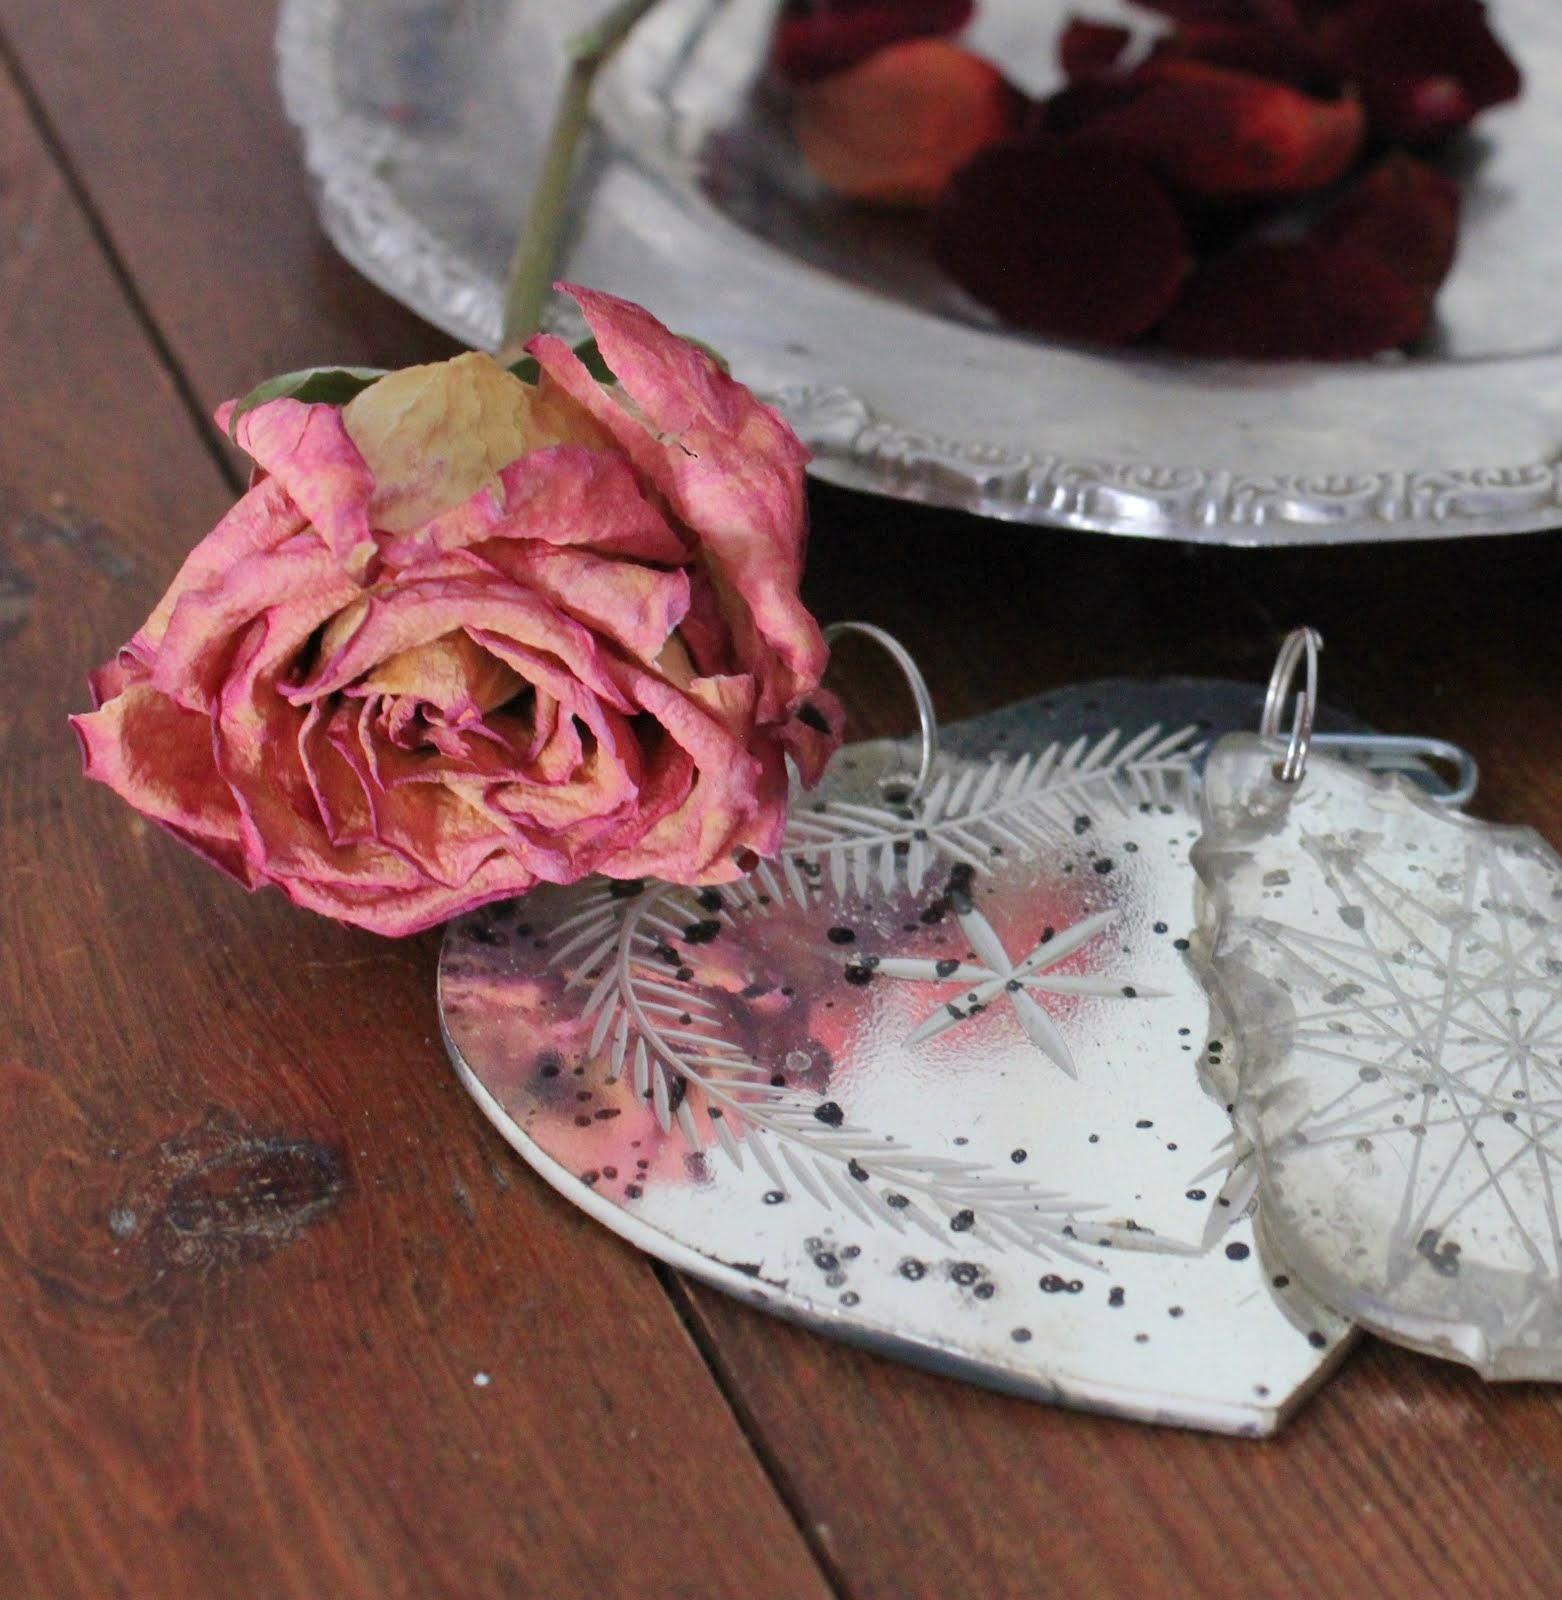 Roser og roseblader dufter herlig